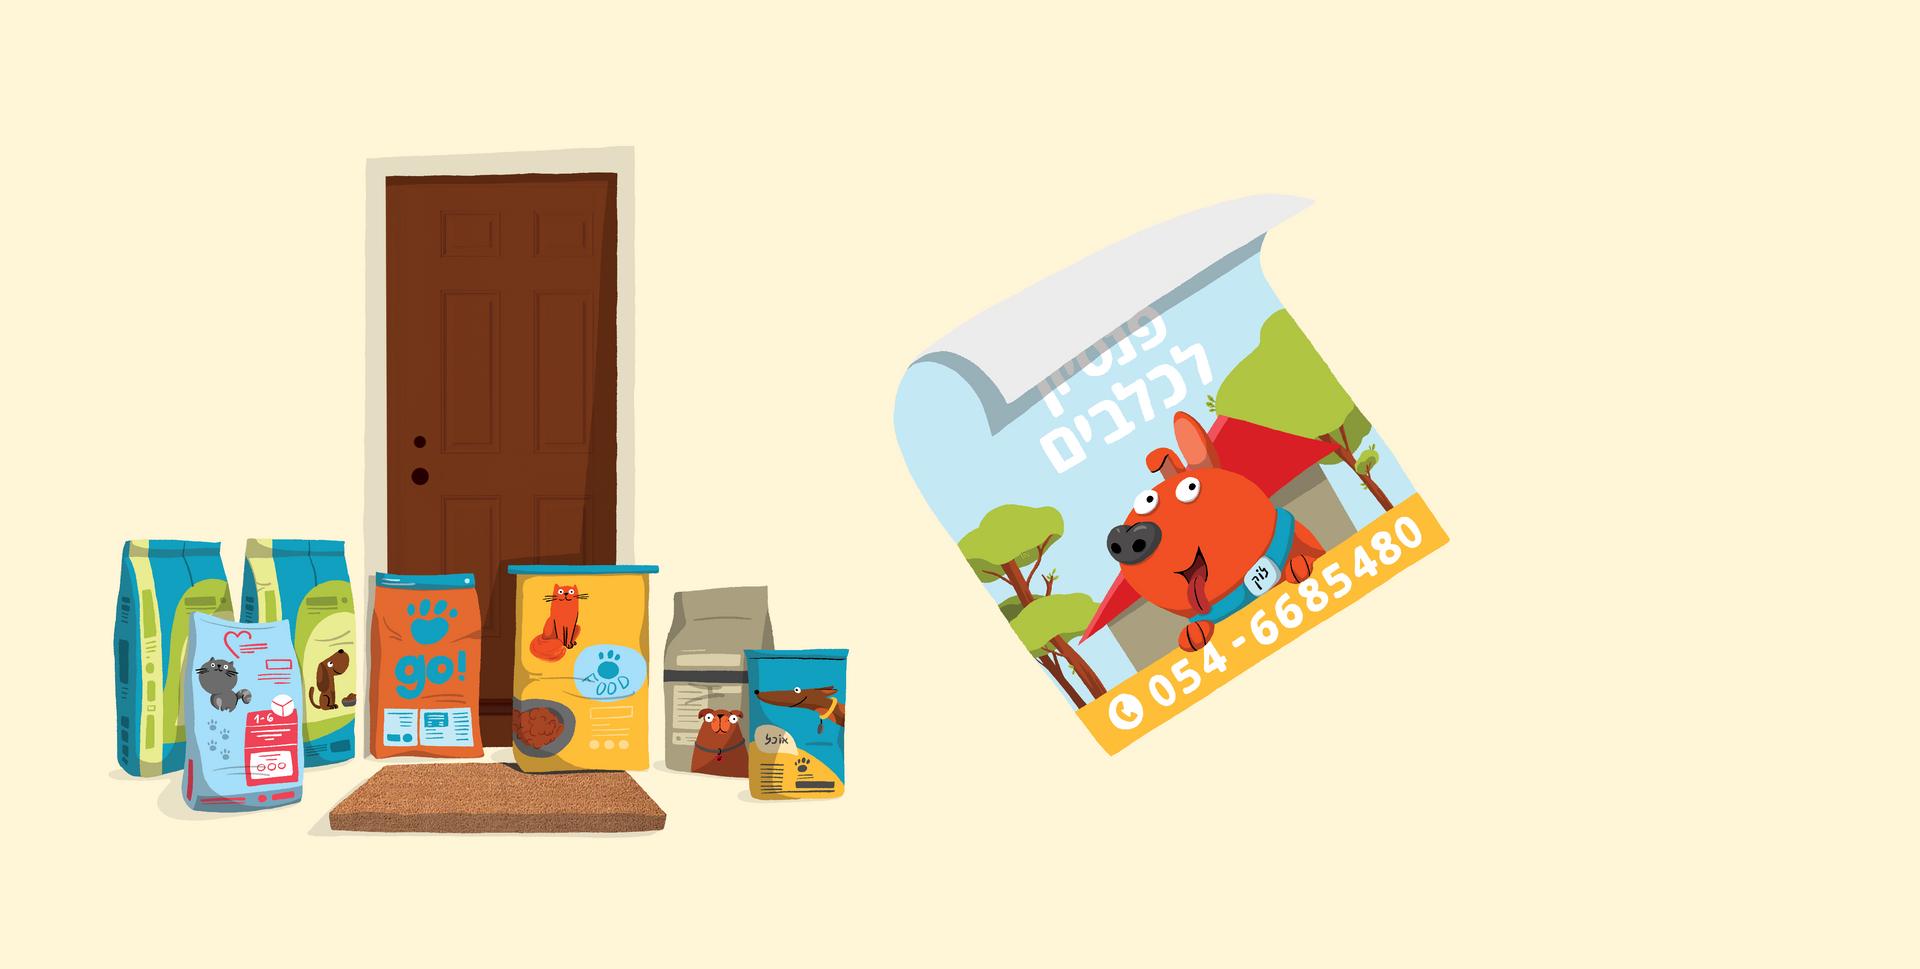 כין -איור ספר ילדים, רתם יראקצ'י